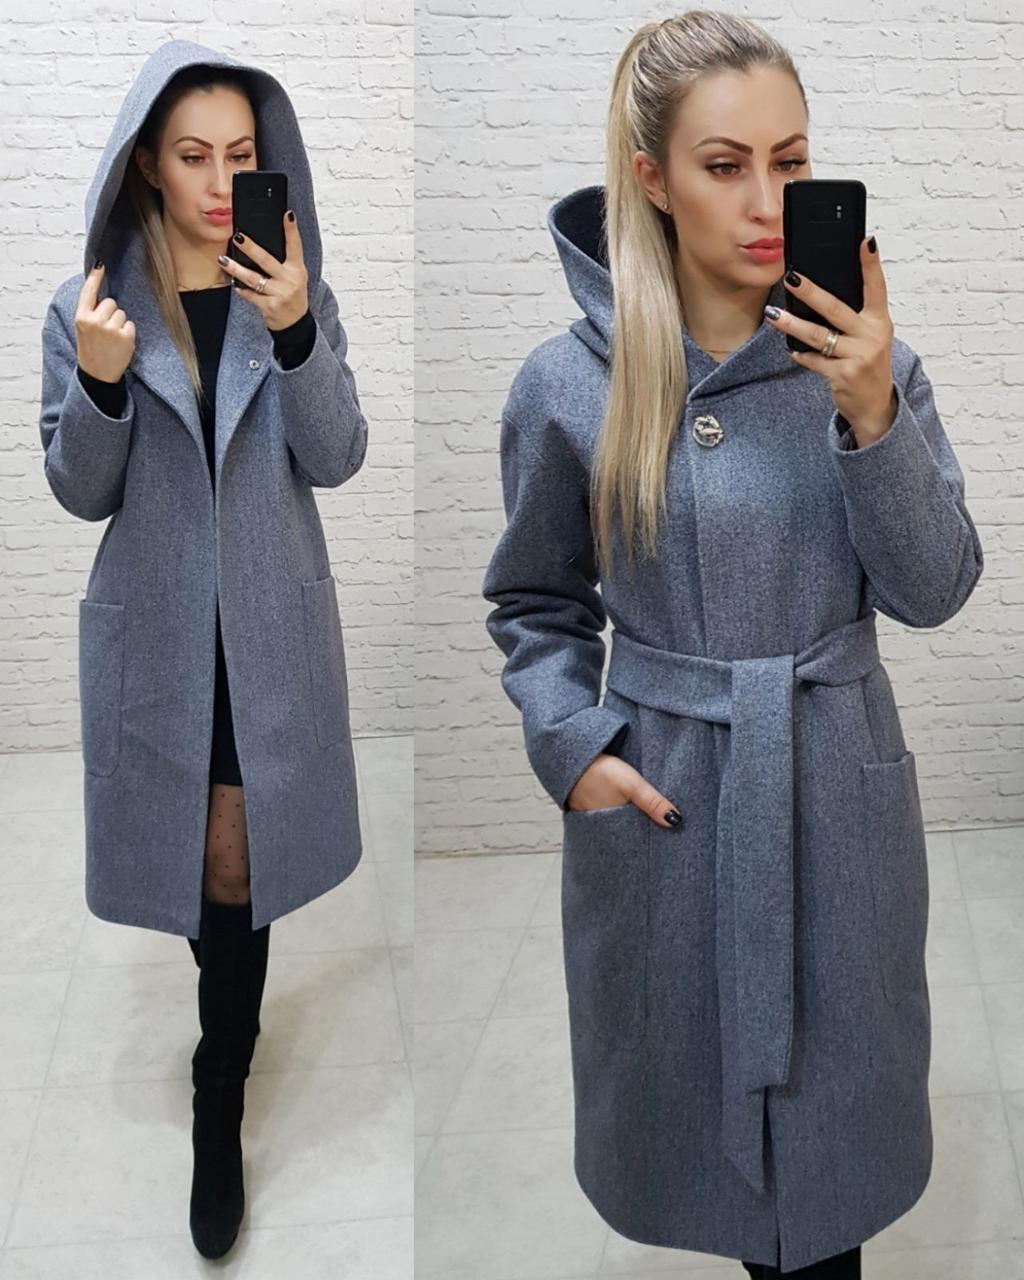 Теплое пальто с капюшоном, кашемирое, ЕВРО-ЗИМА, цвет серо-голубой, арт 176